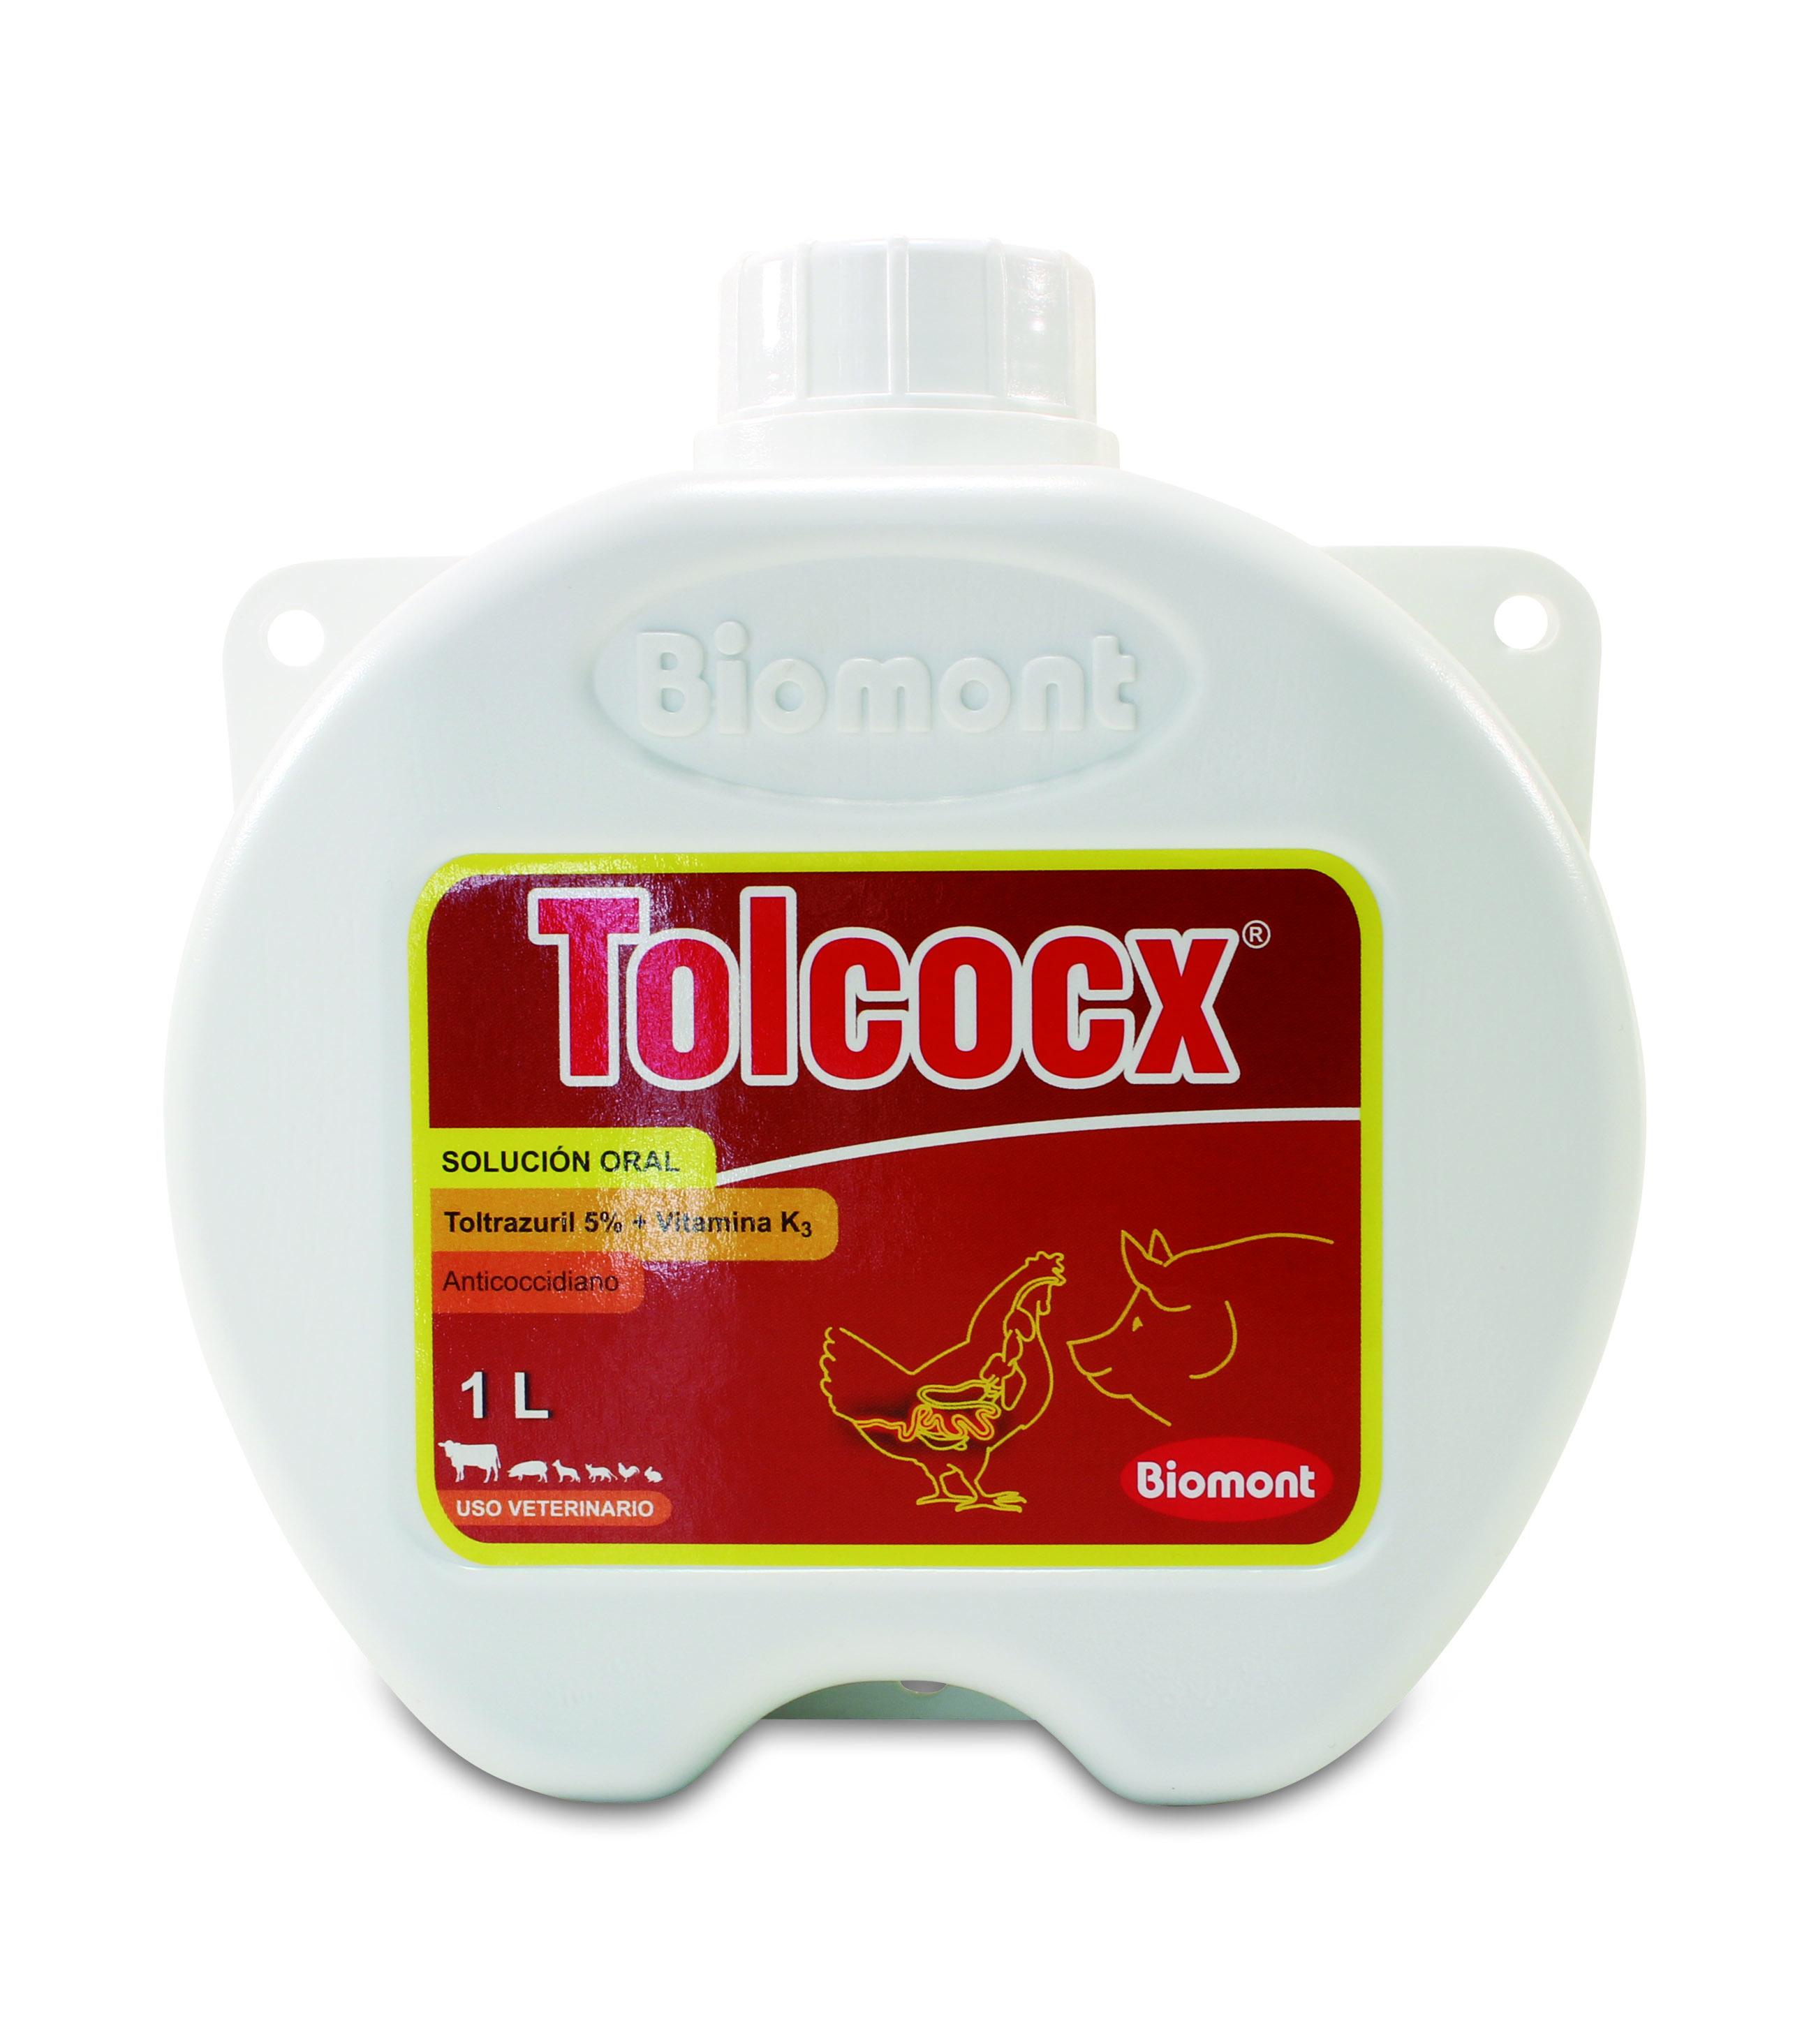 Tolcocx_1L